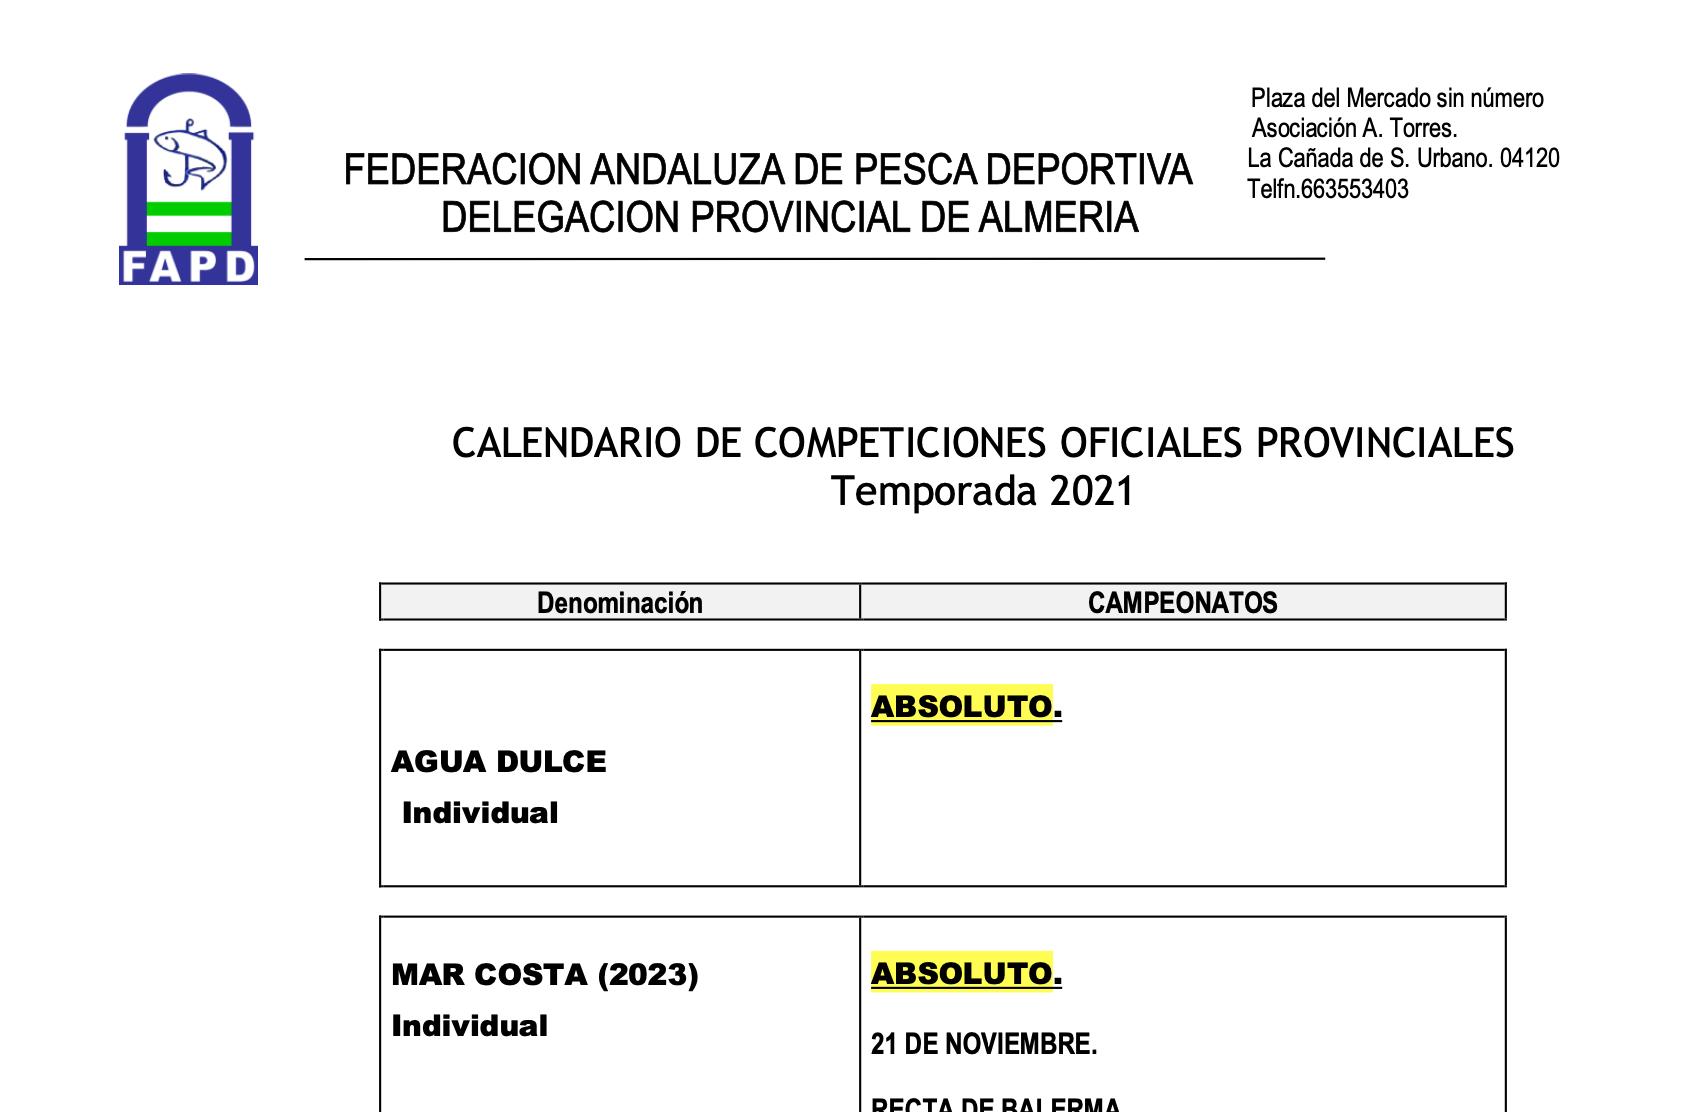 https://almeria.fapd.org/sites/almeria.fapd.org/files/2021-02/Captura%20de%20pantalla%202021-02-23%20a%20las%2011.11.55.png